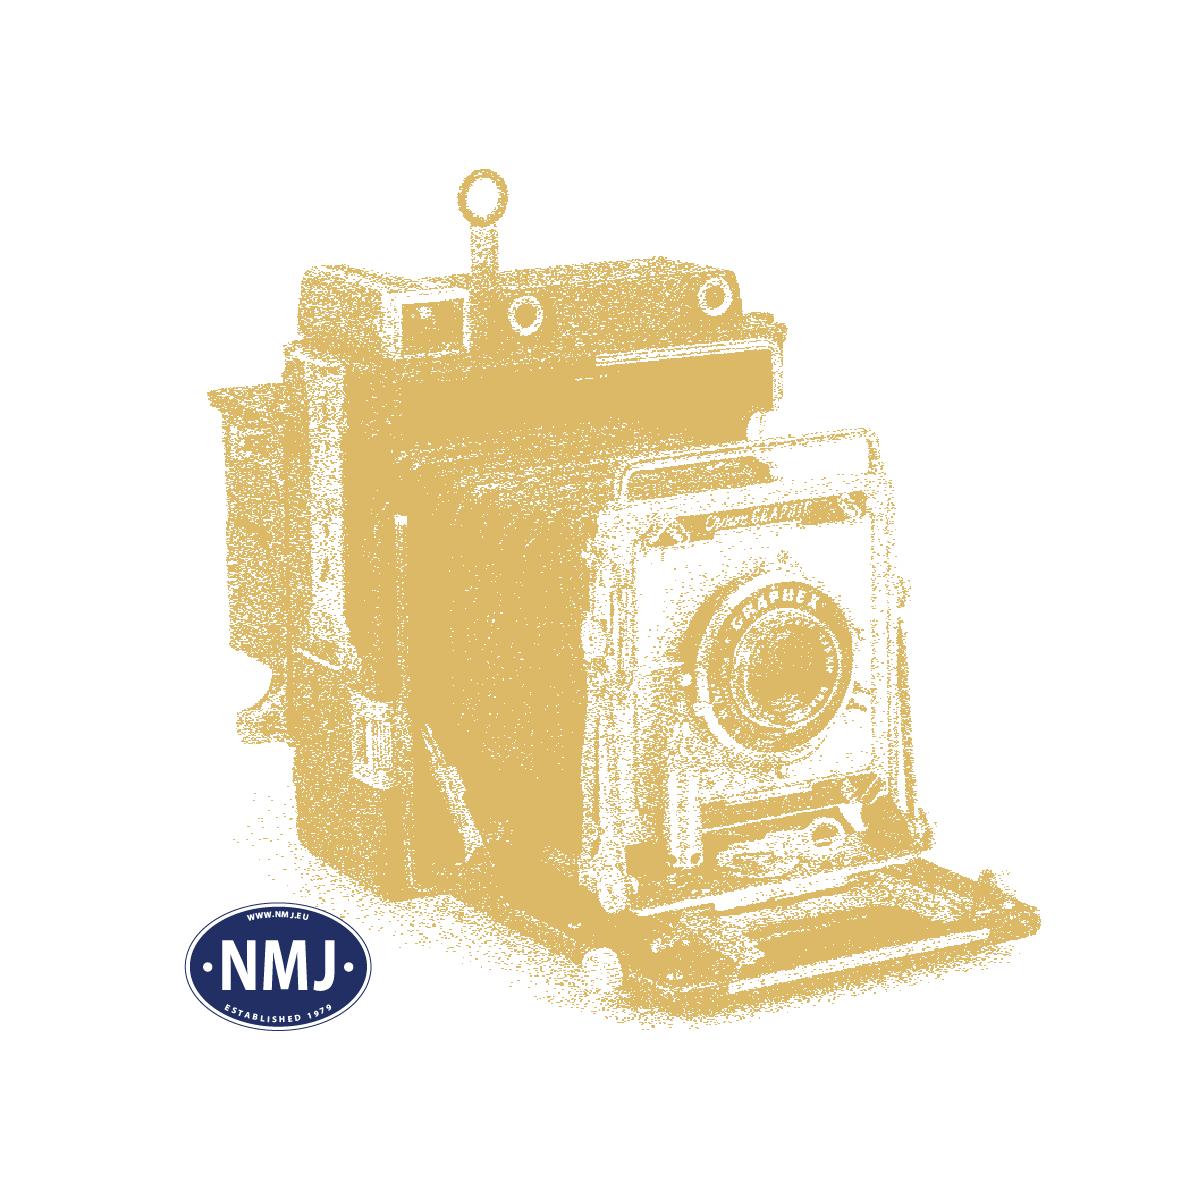 NOC36248 - Familiegjenforening, Reisende, N-Skala